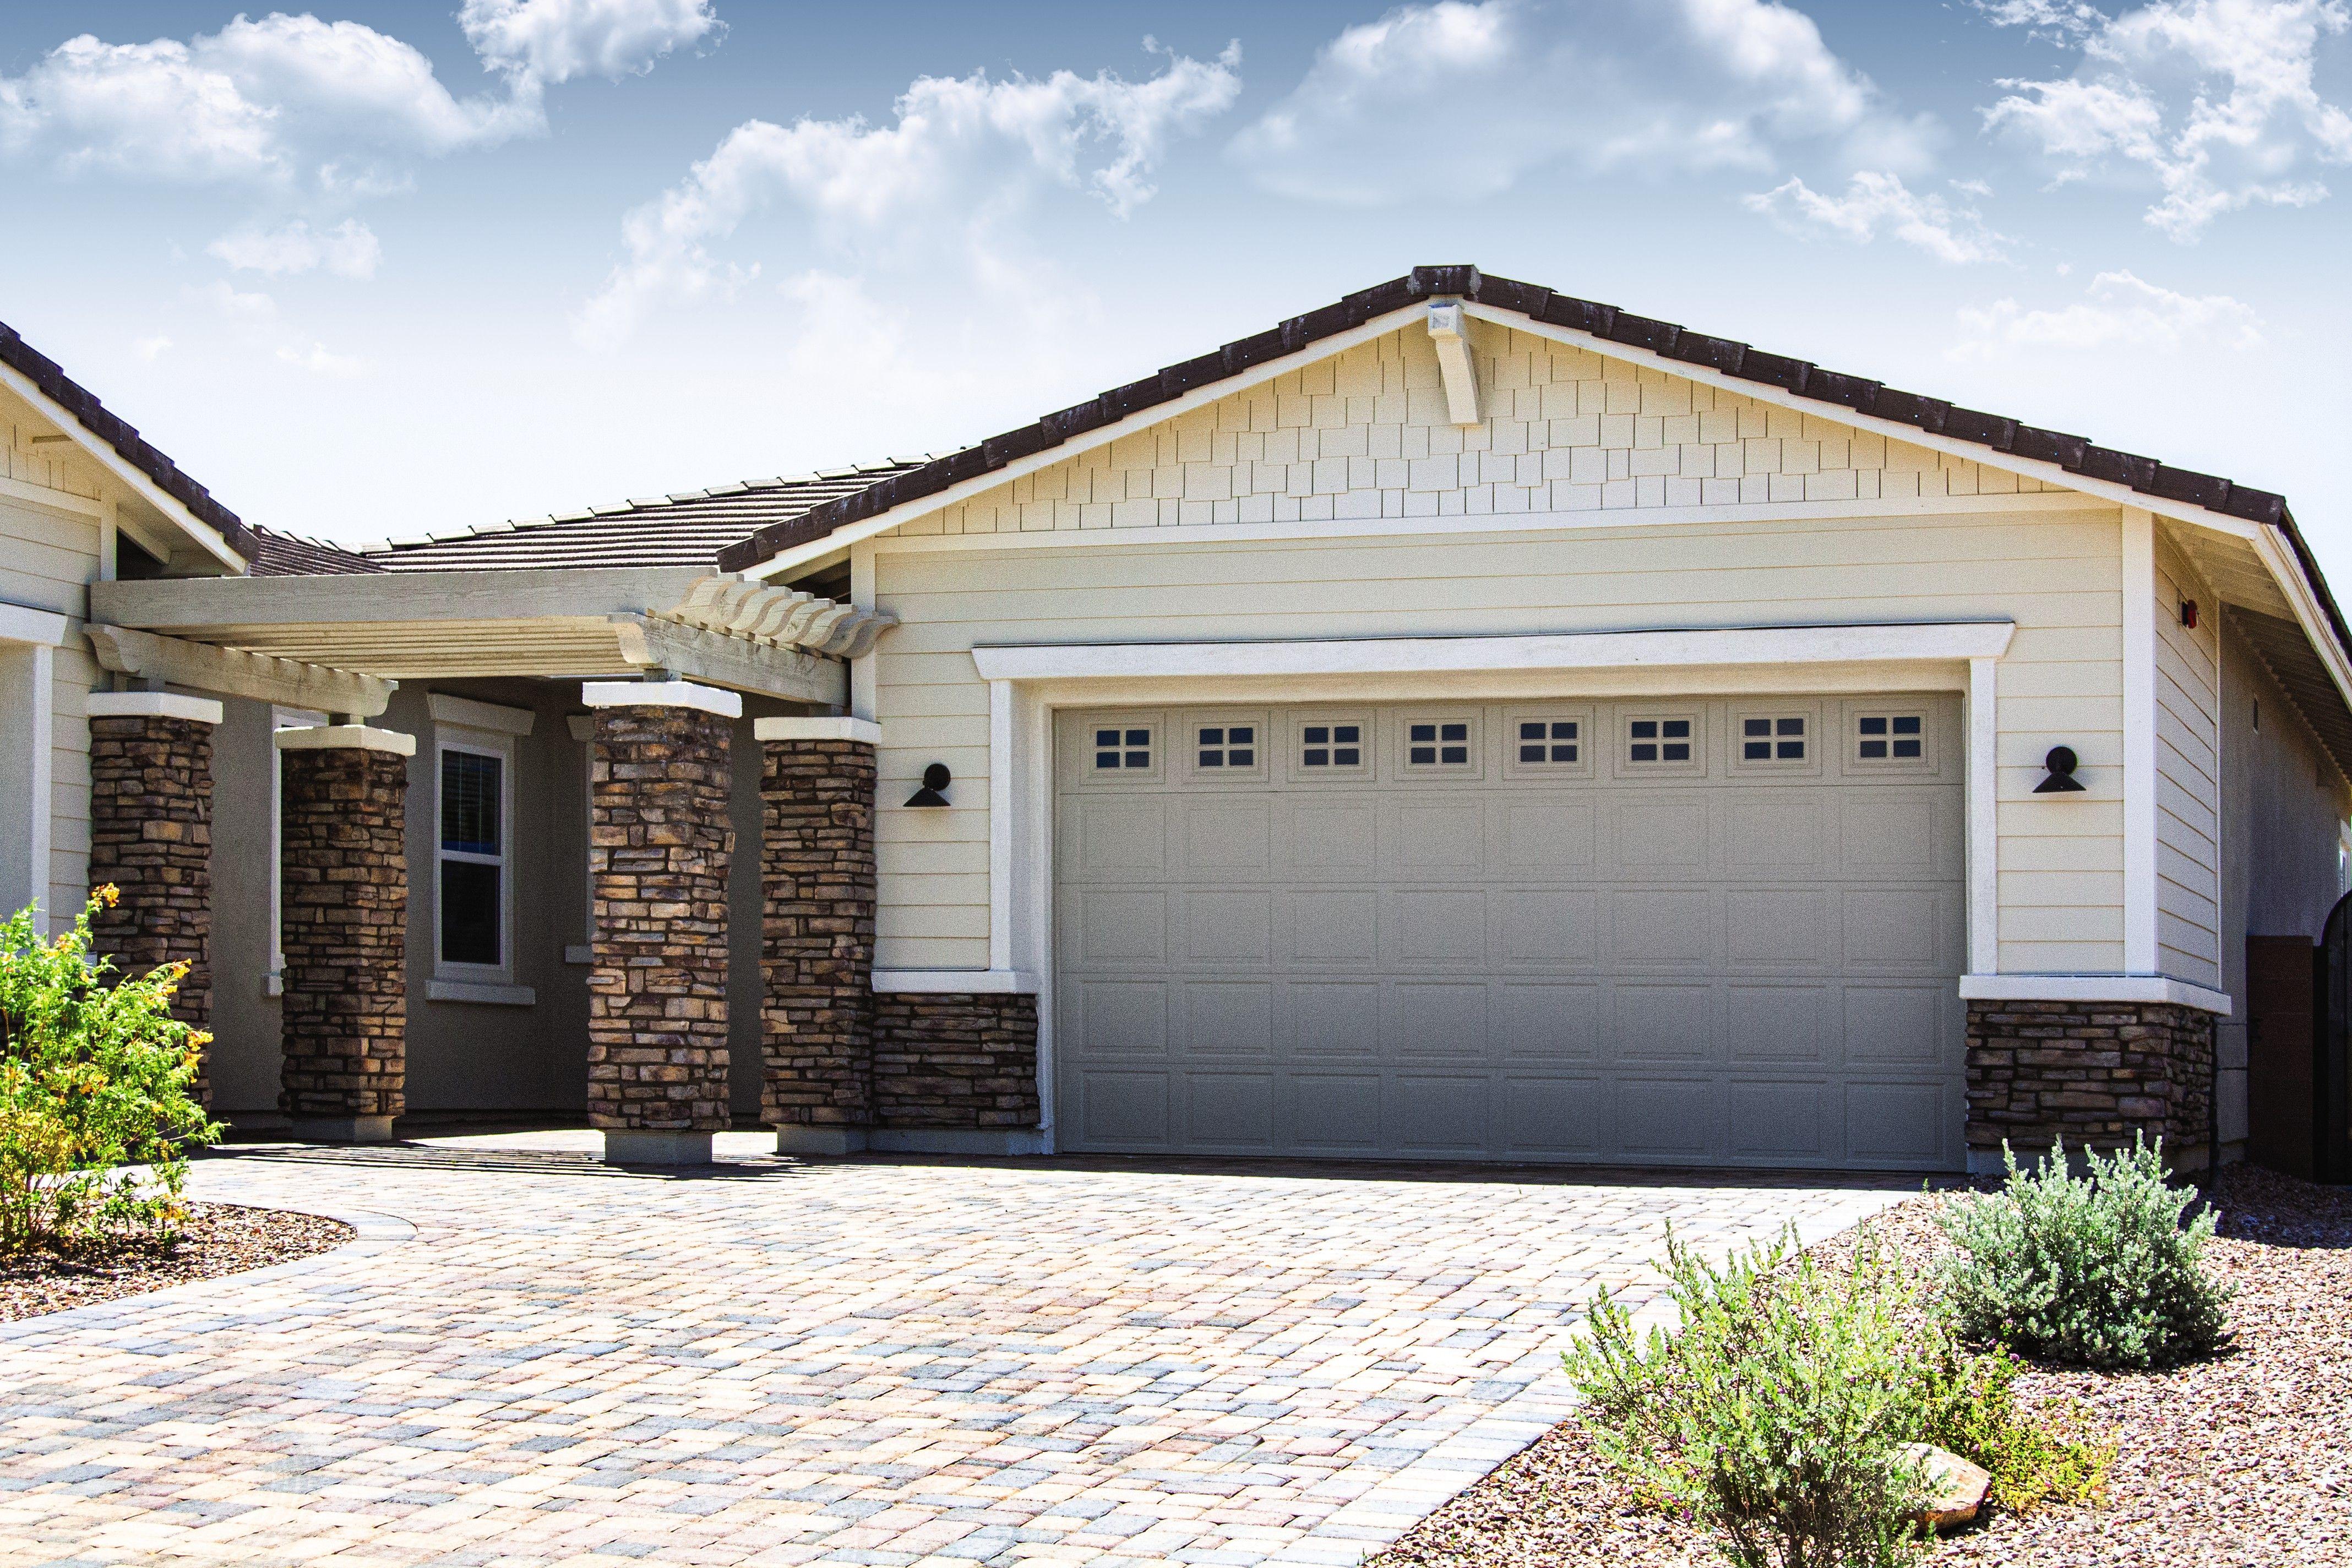 7 Best Garage Door Insulation Kits Reviews Guide 2020